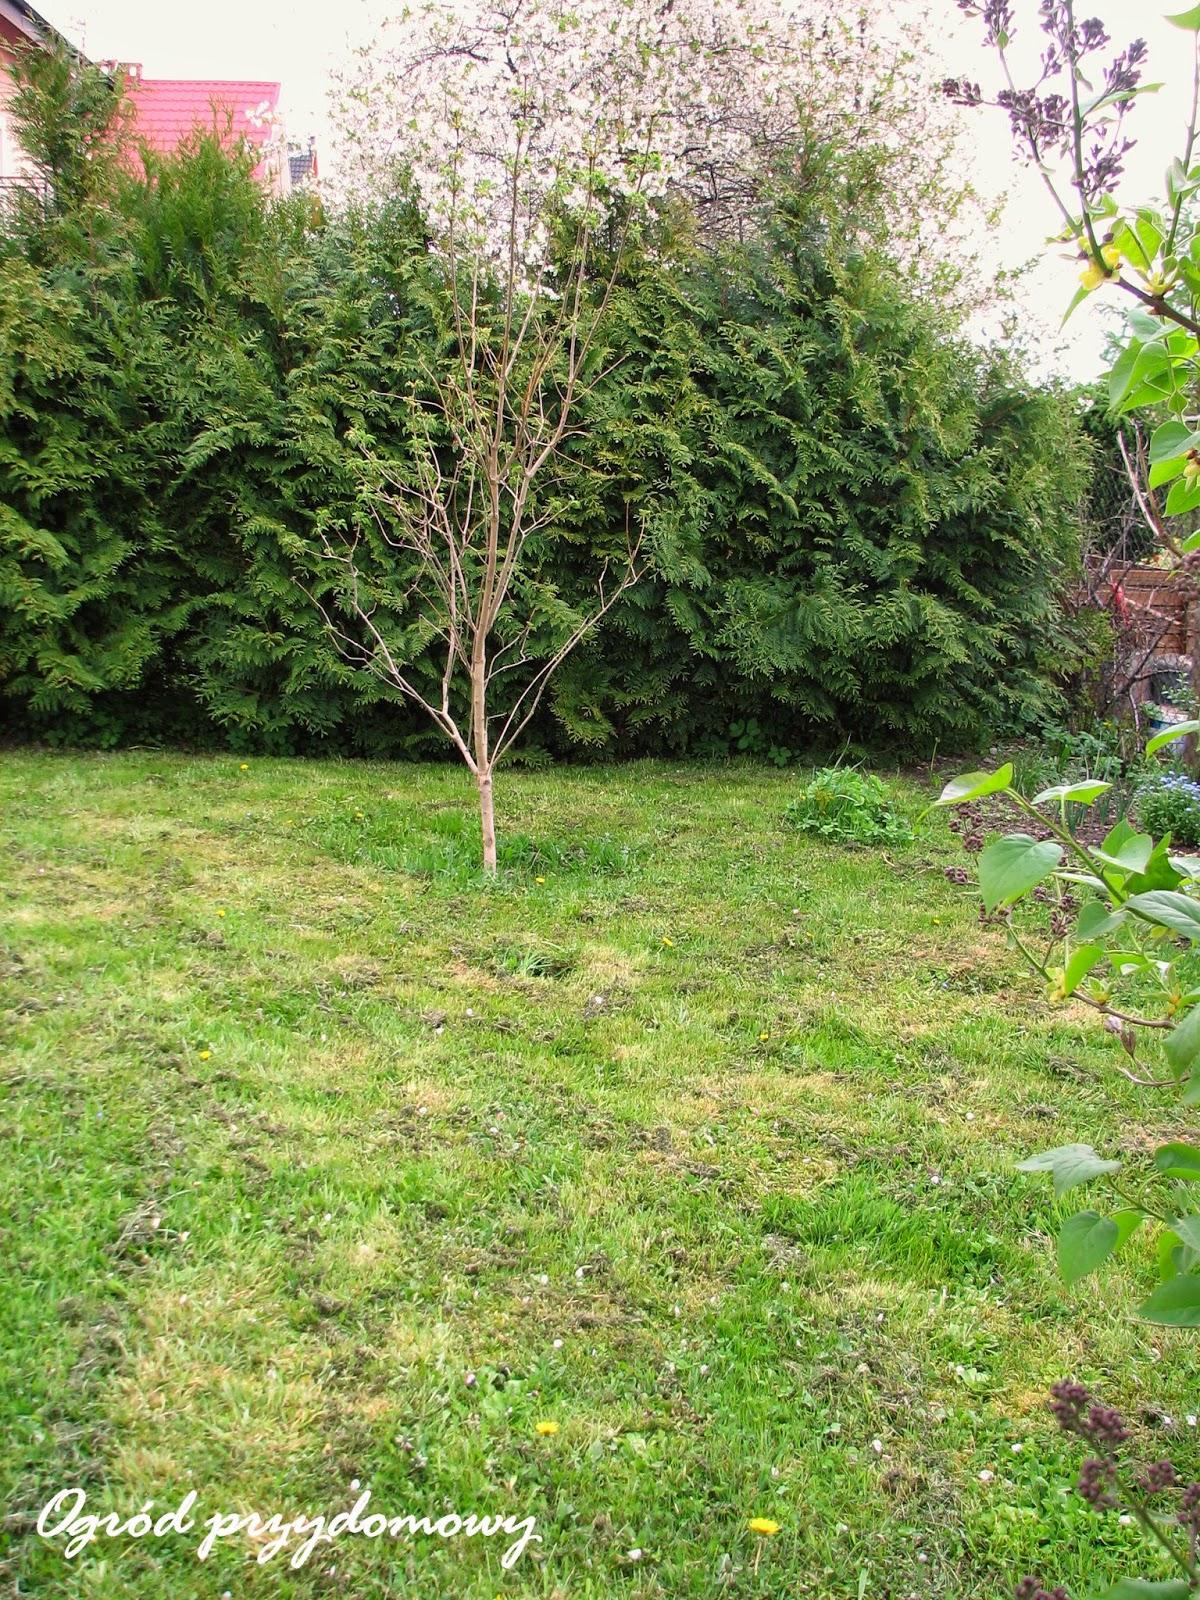 wymiana roślin, zamiana roślin, ogród przydomowy